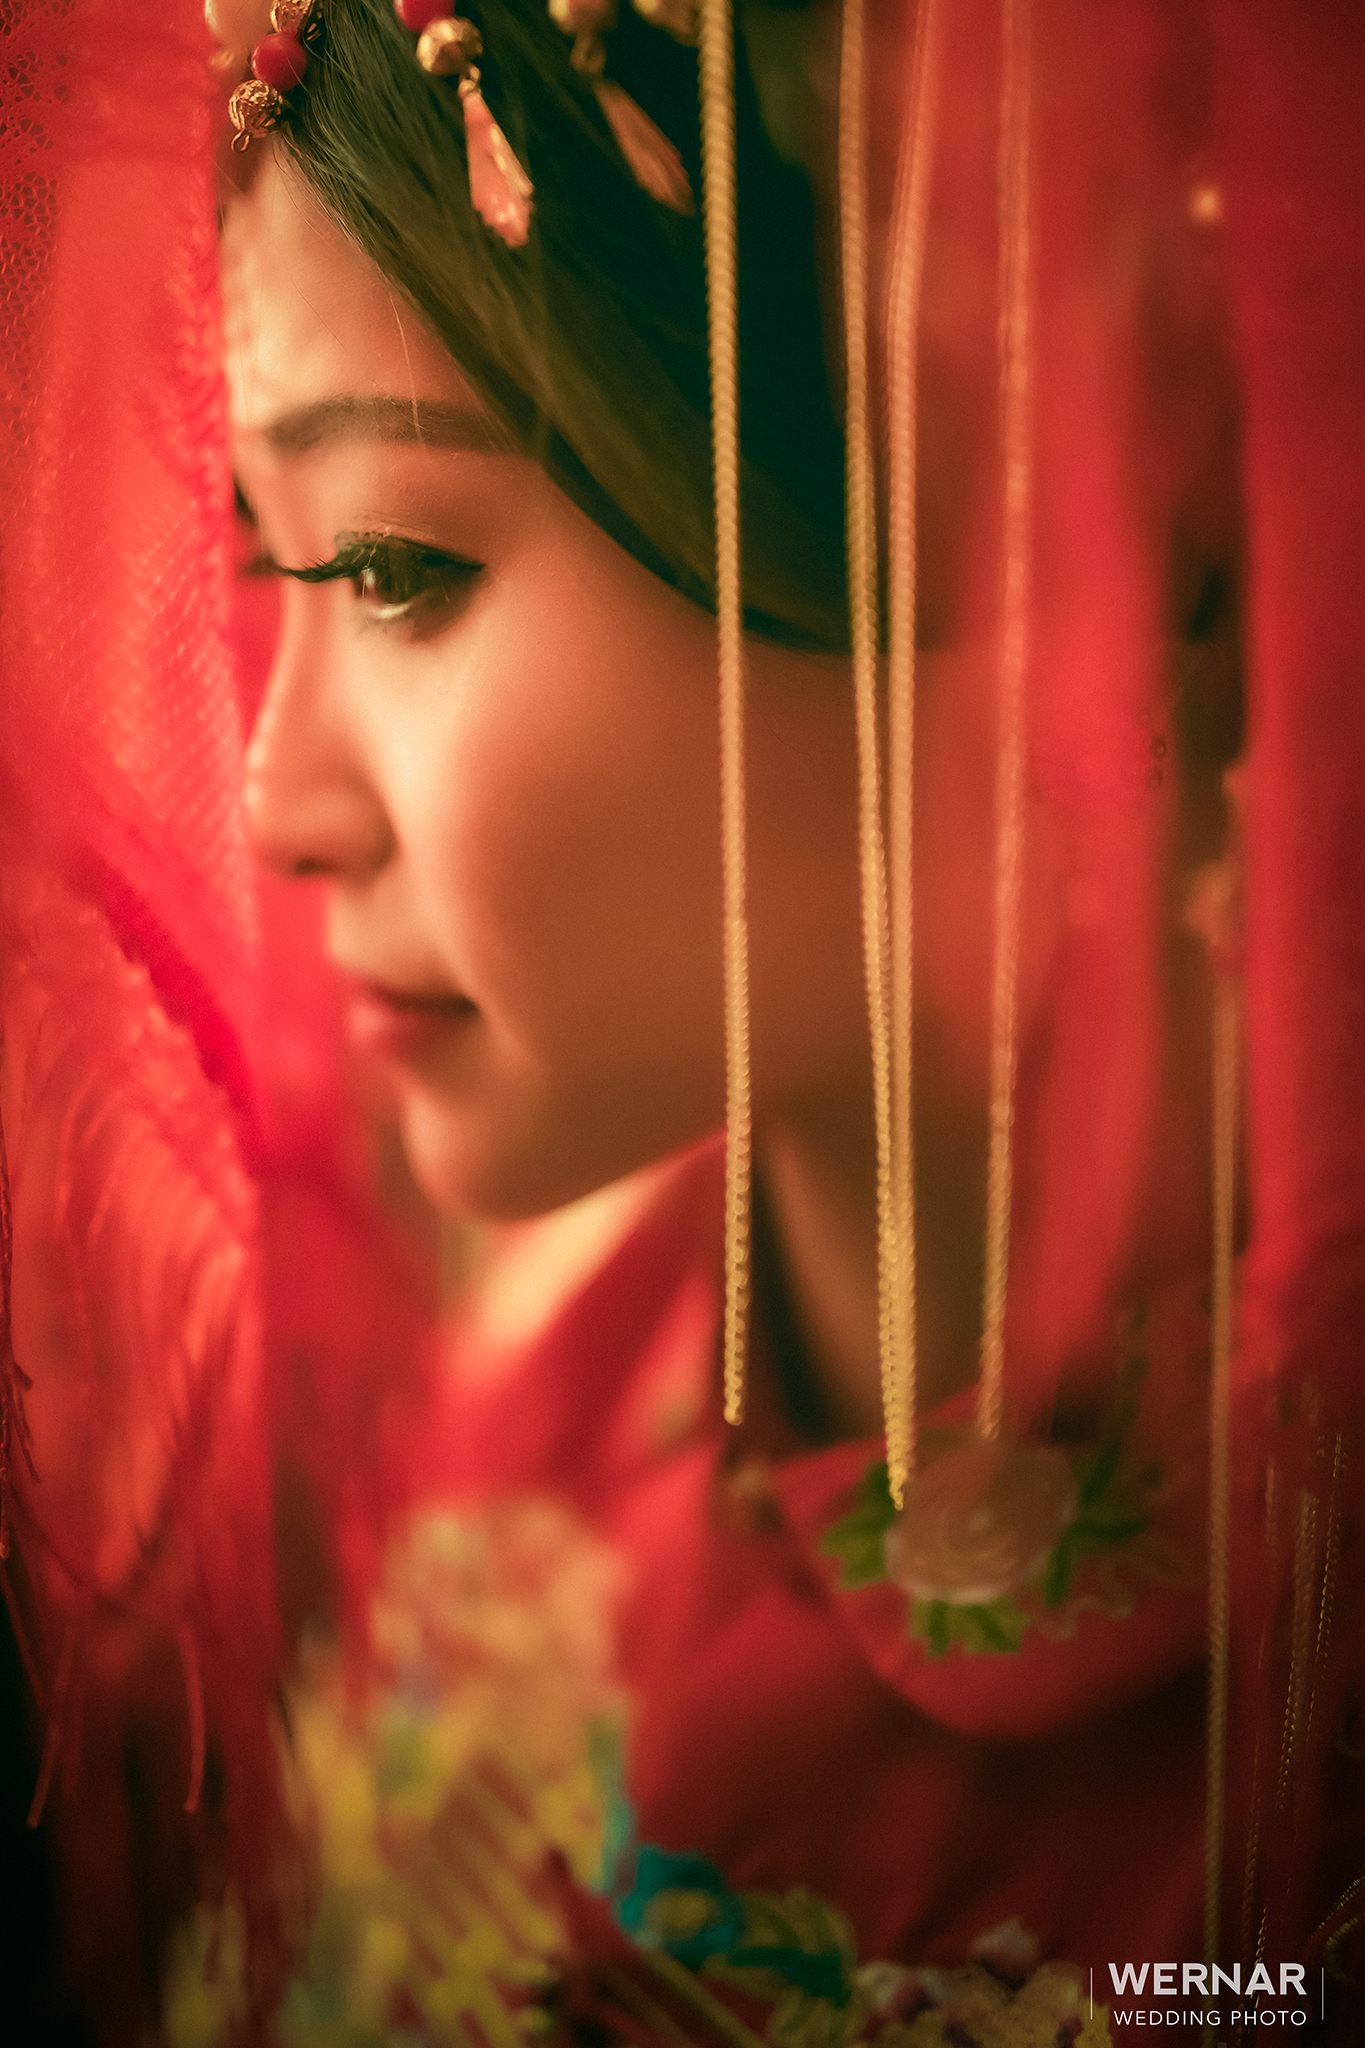 桃園華納婚紗推薦,婚紗攝影,自主婚紗